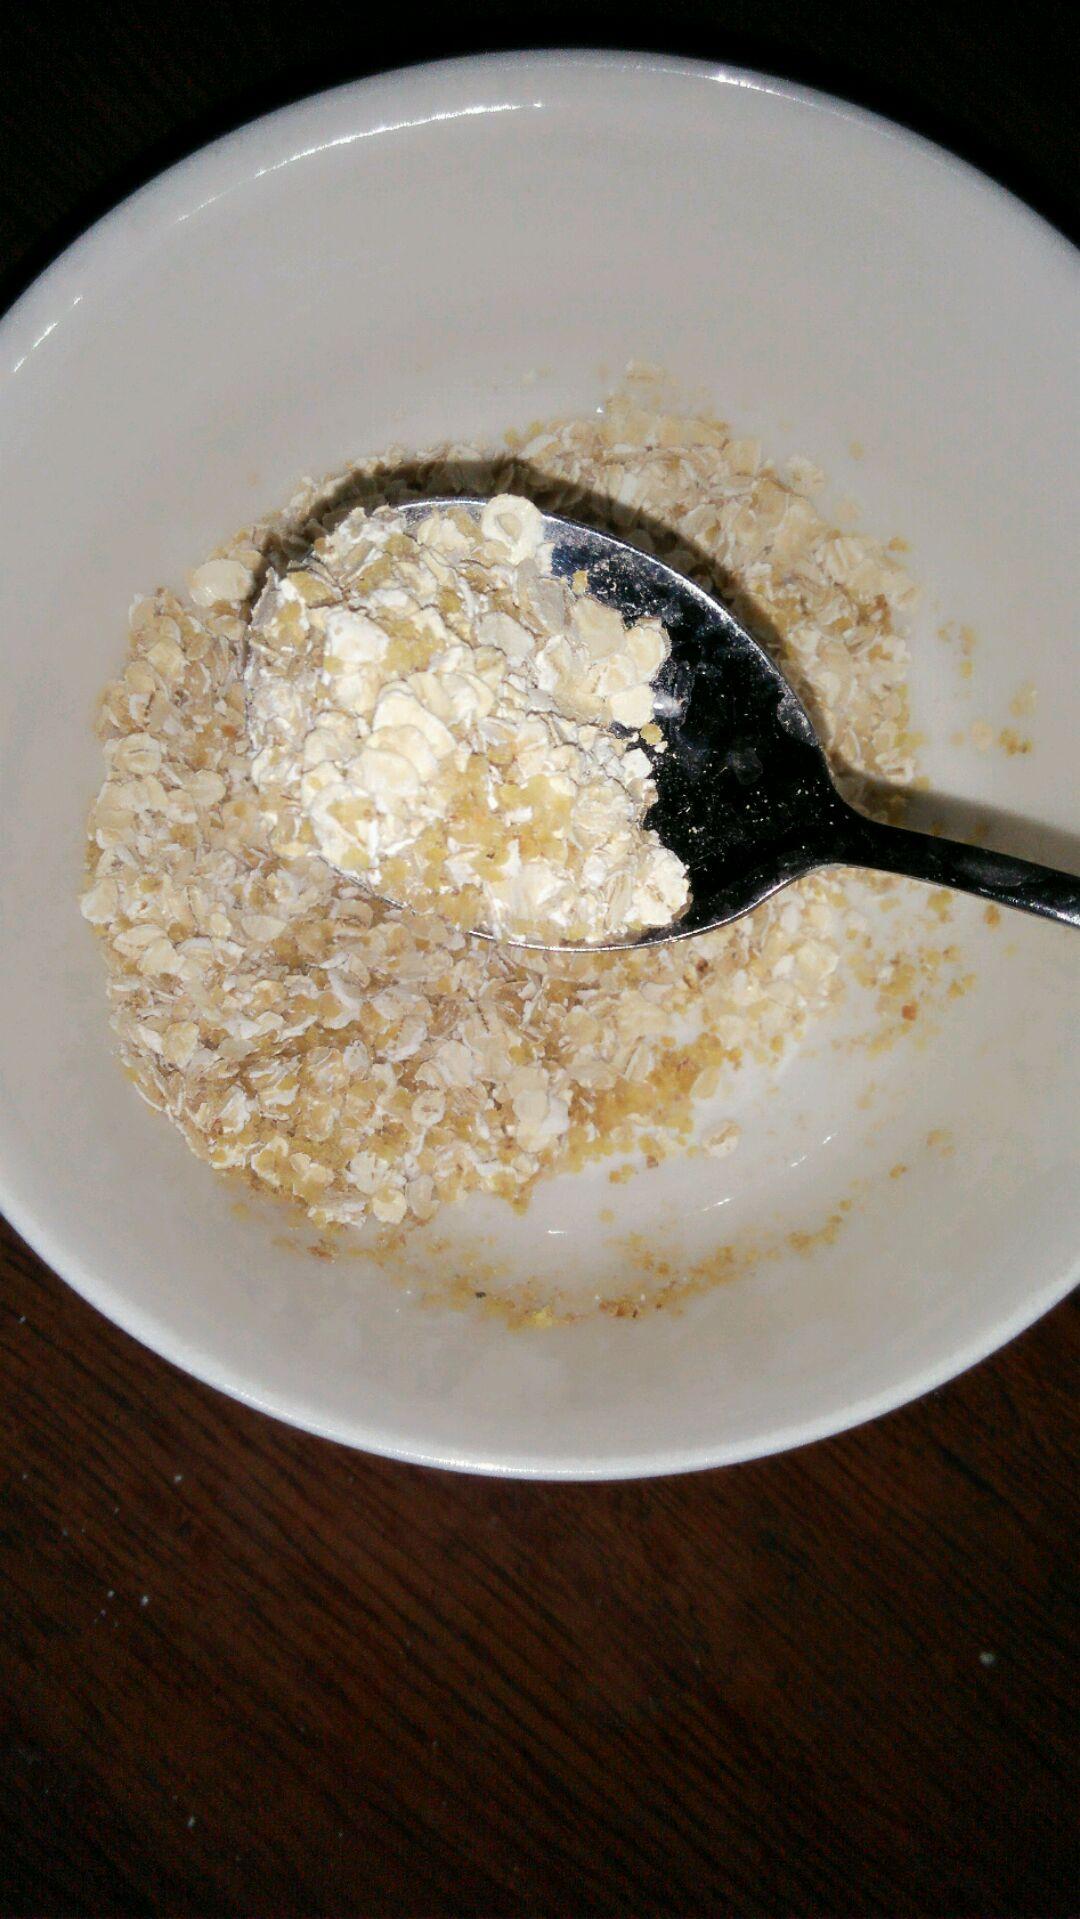 燕麦片牛奶的做法_营养早餐 牛奶燕麦片的做法图解1